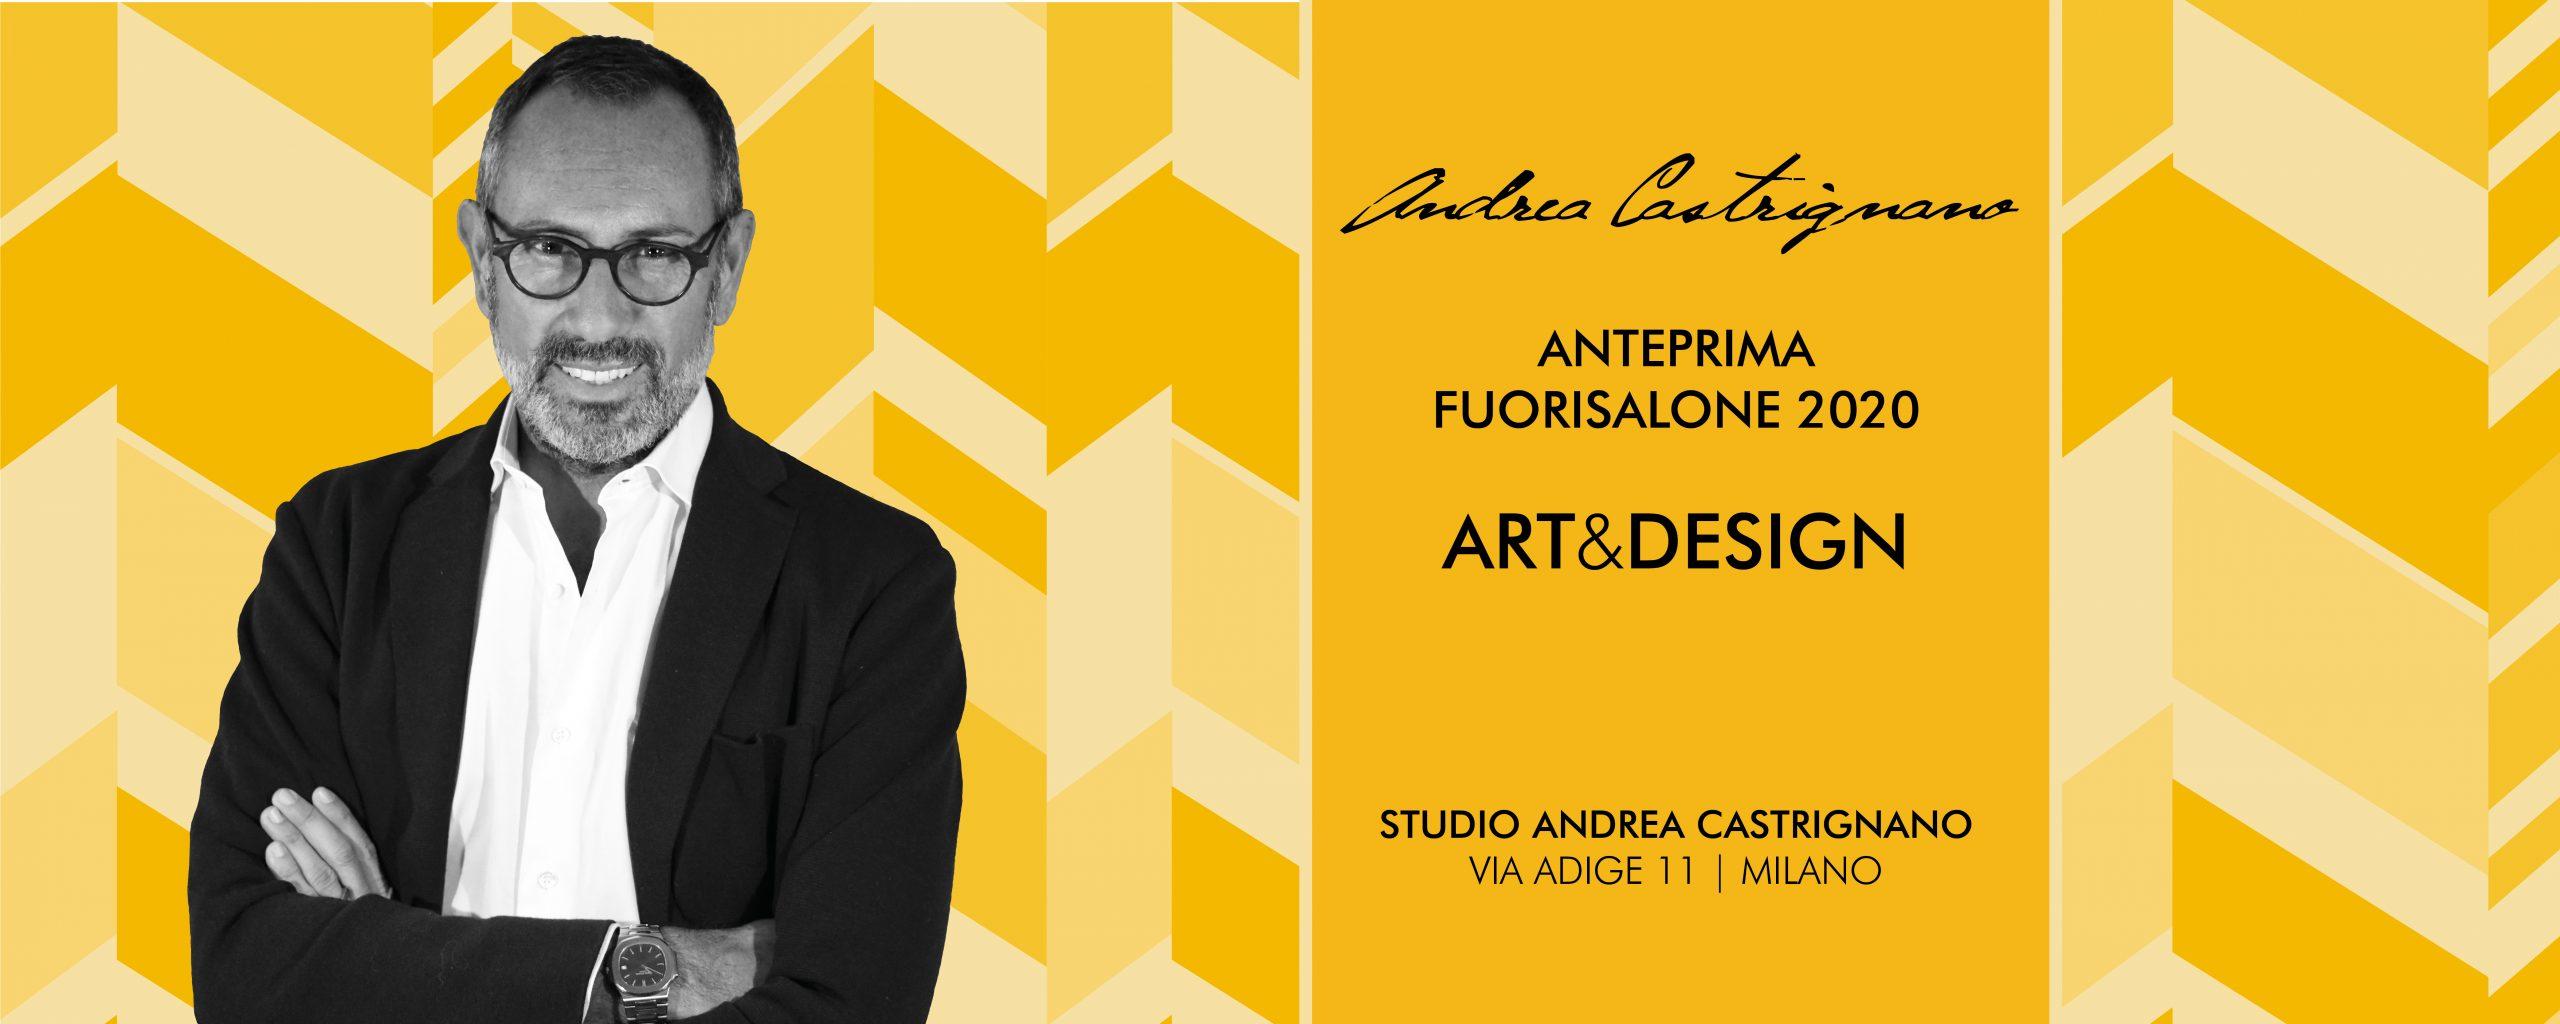 Art&Design Fuorisalone 2020 Andrea Castrignano_header